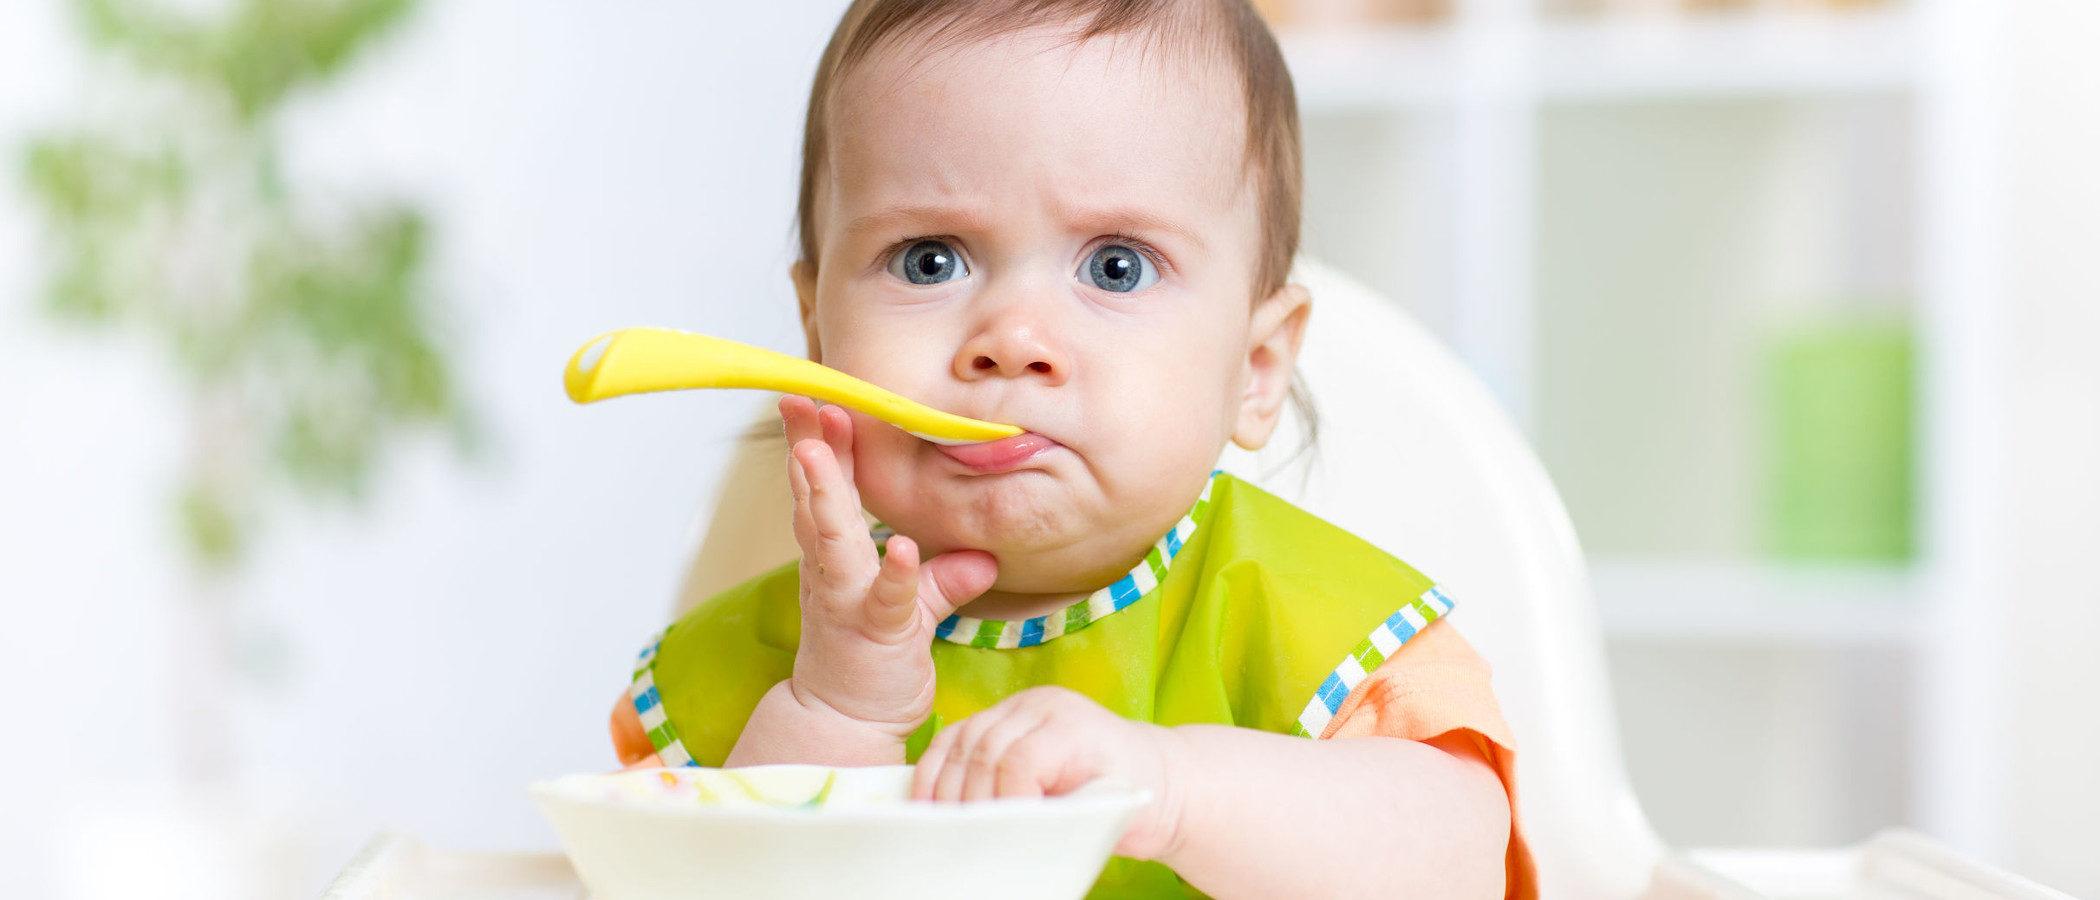 La alimentación del bebé de 9 meses